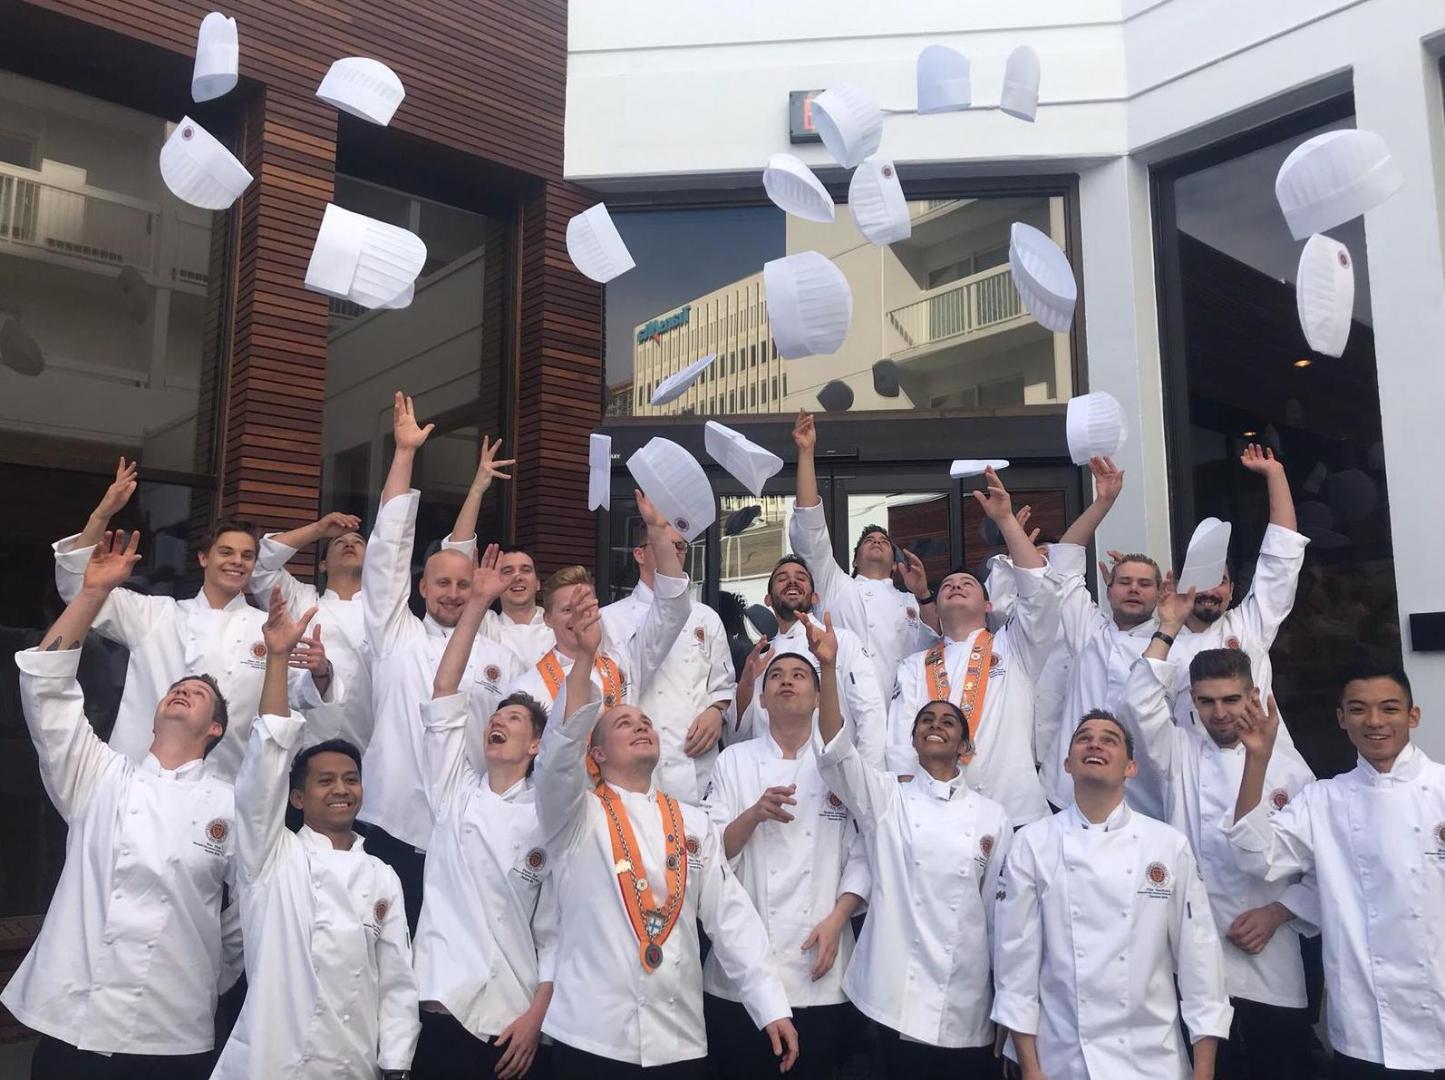 Jeunes Chefs Rotisseurs Competition 2022 bij Culinaire Academie in Beverwijk